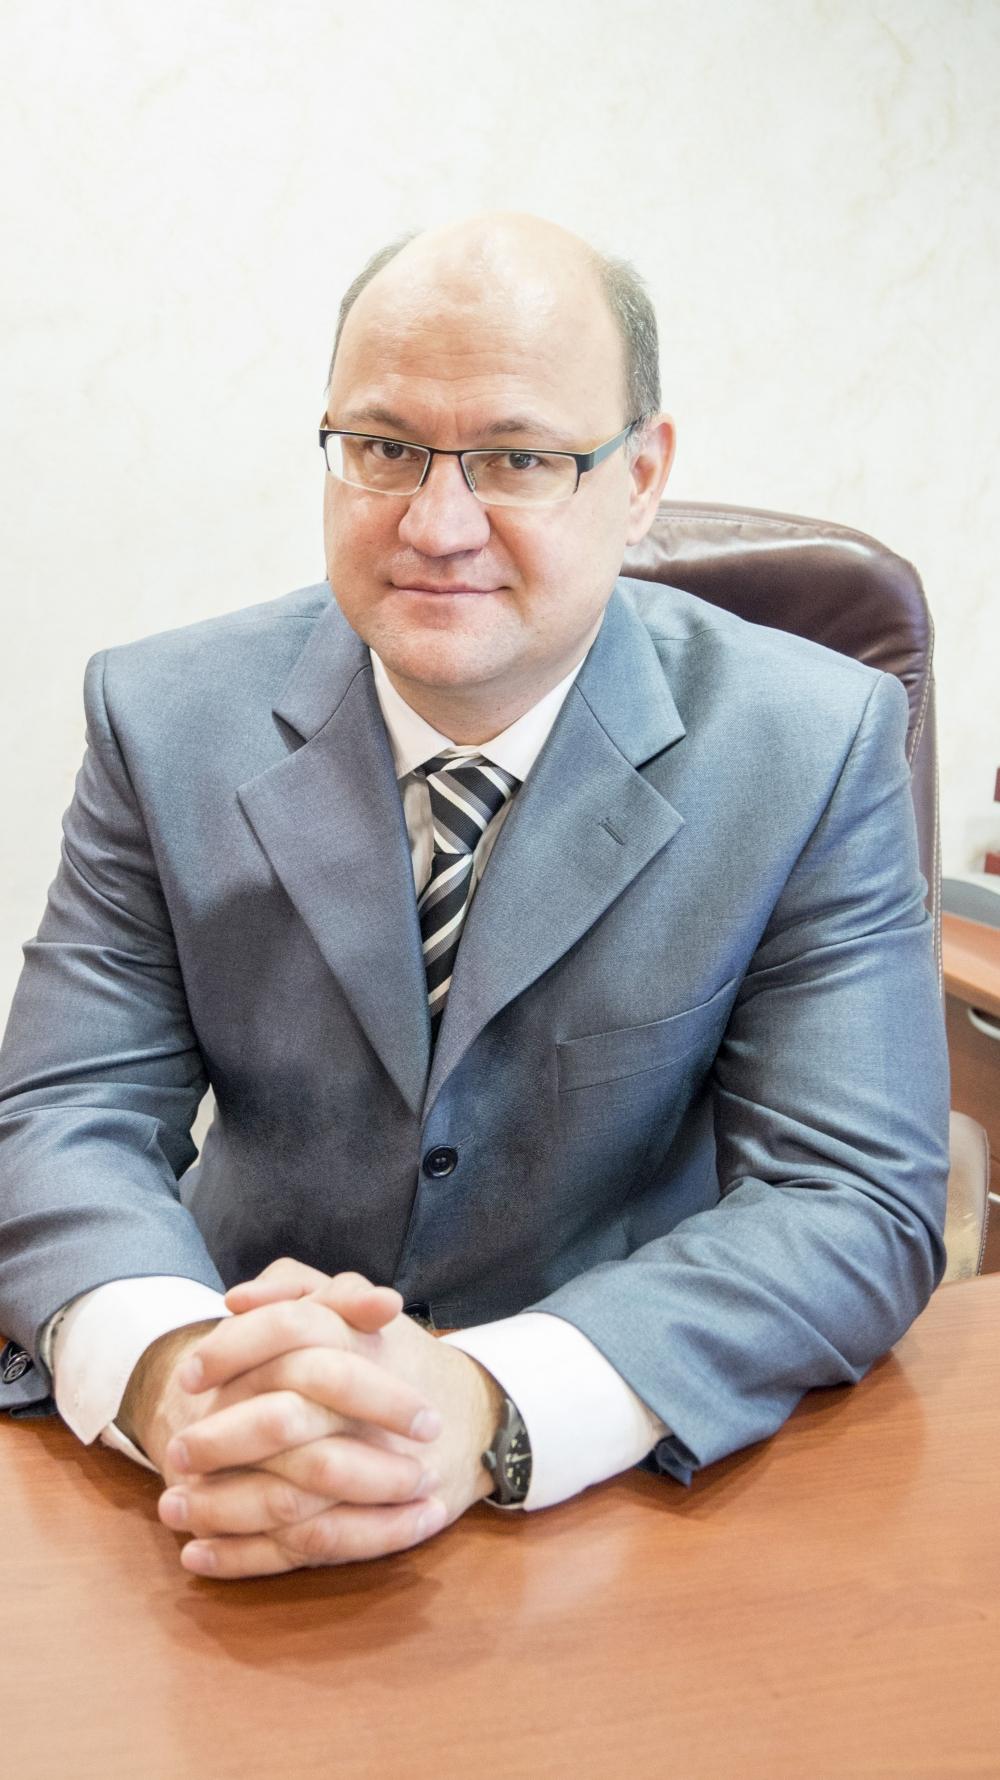 Юрий Новиков готов встать на защиту коллег.